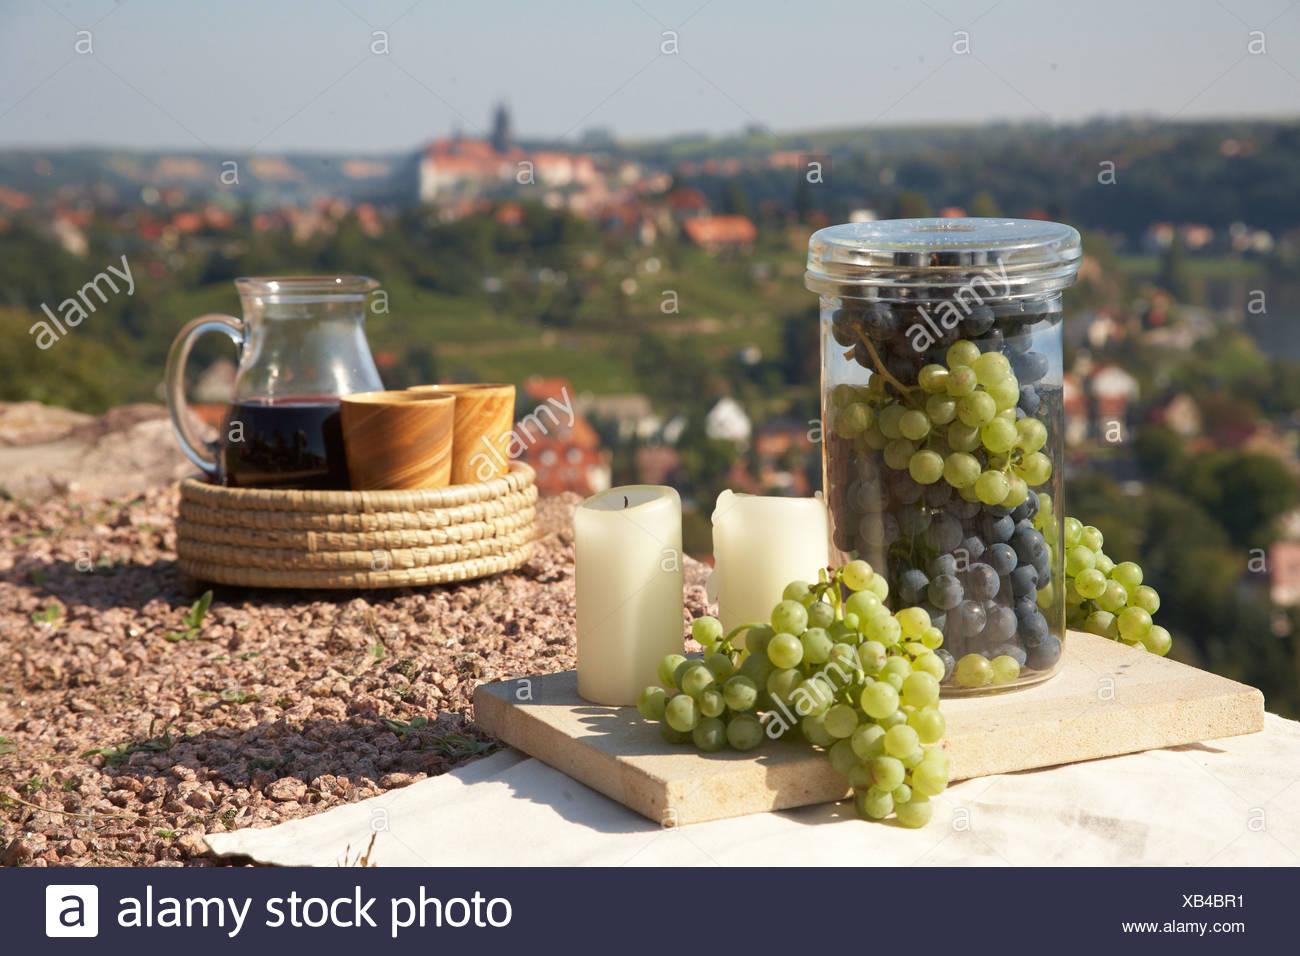 Bodegón con vino, uvas, un decantador de vino, copas de vino y velas, con el telón de fondo de Meissen, Sajonia, Alemania, Europa Imagen De Stock